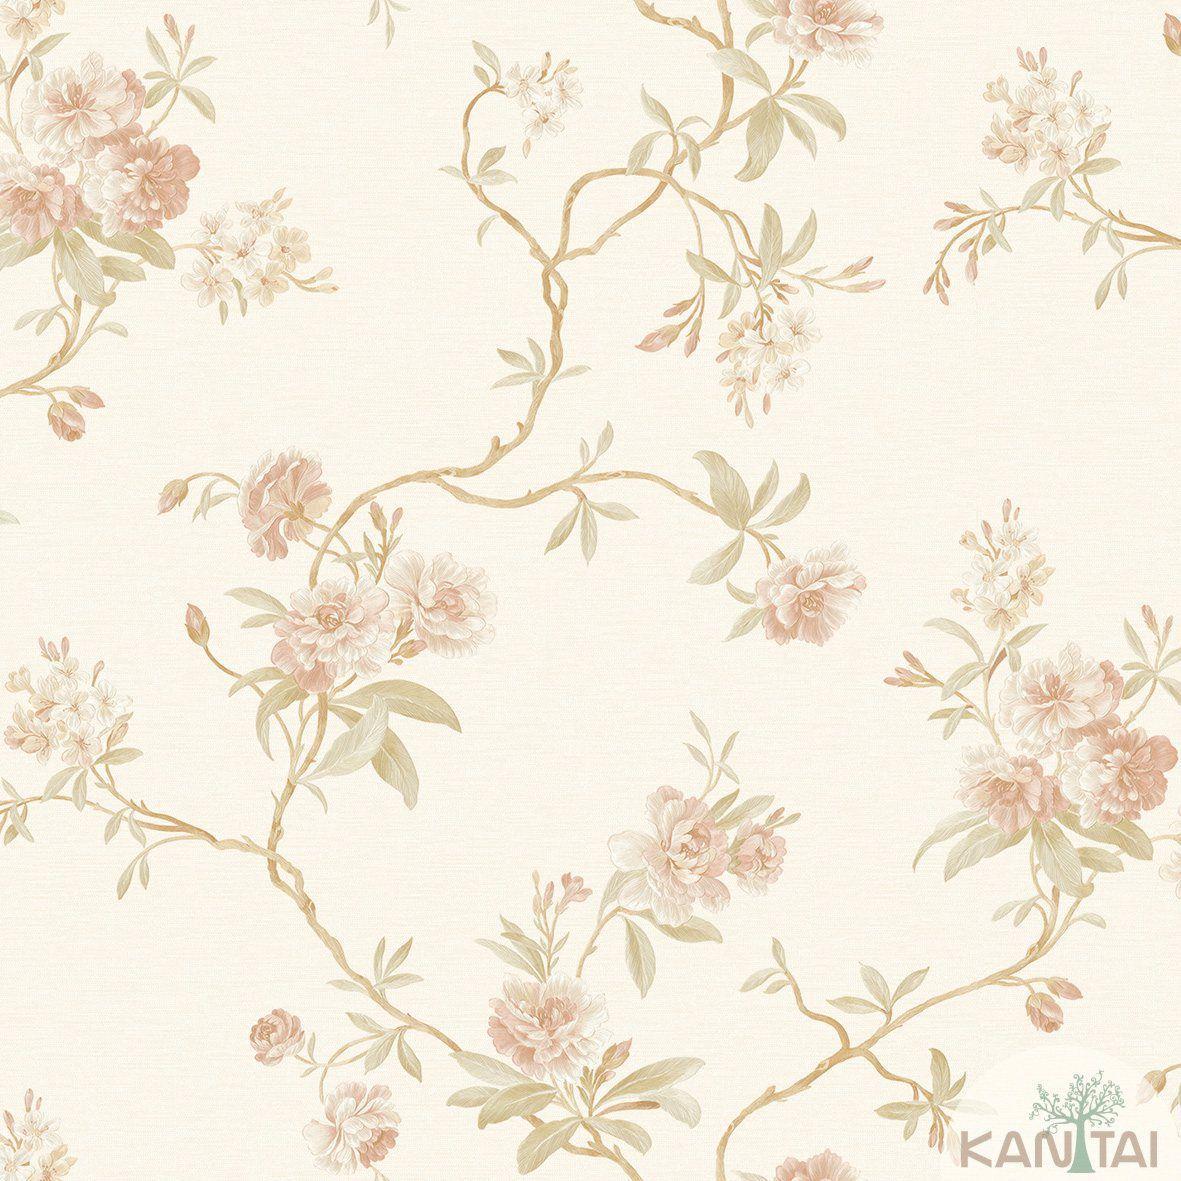 Papel de Parede Kan Tai Non Woven Coleção Flora 2 Baixo relevo Floral Creme, Dourado